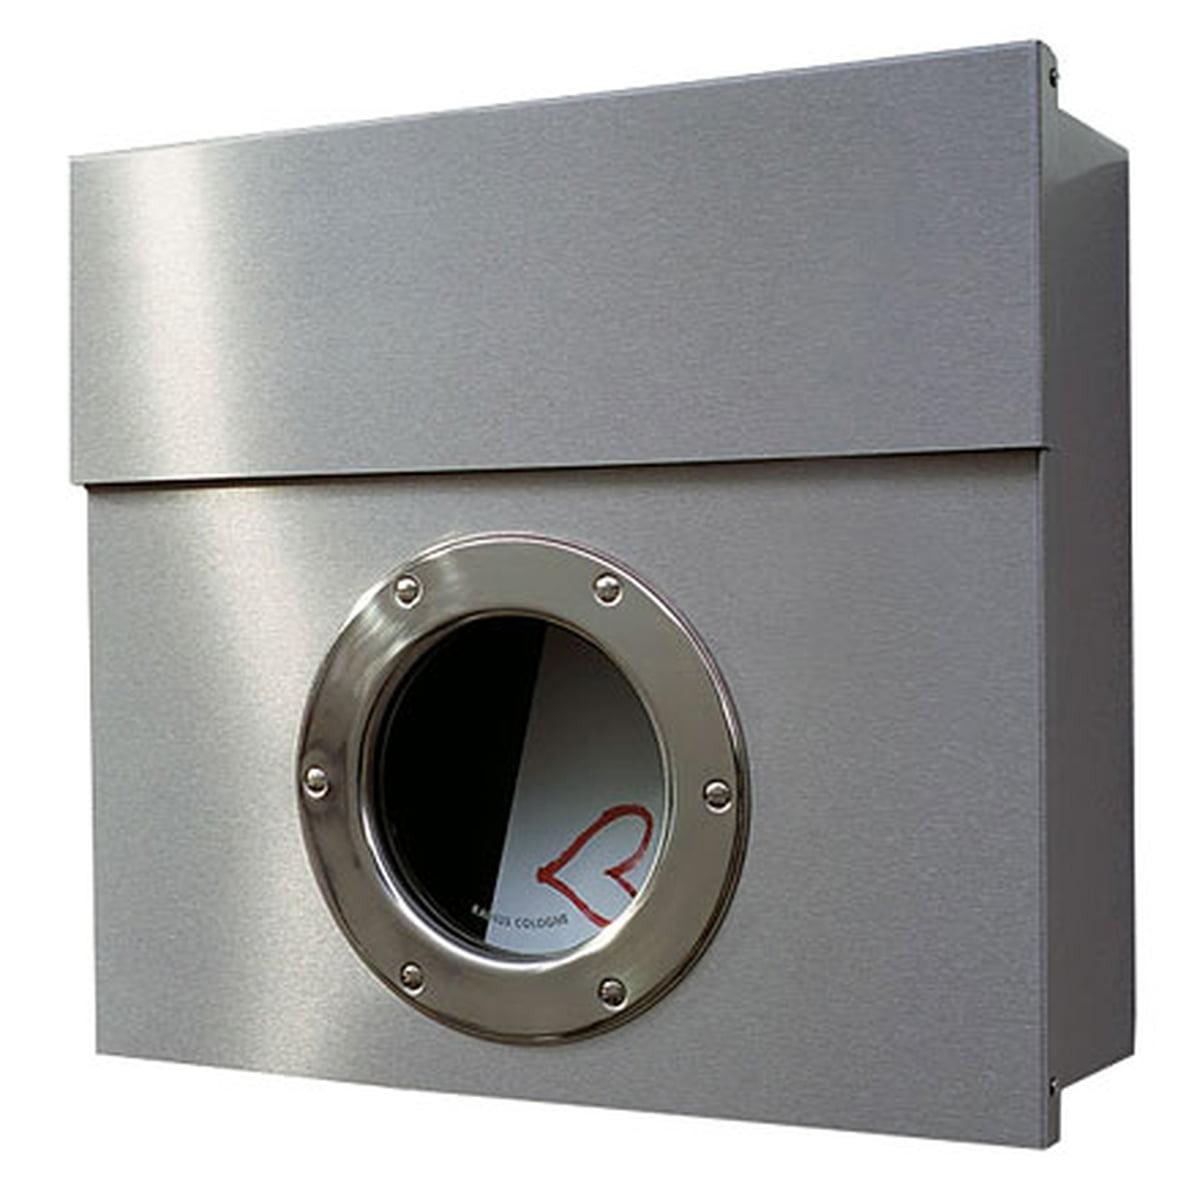 Radius Design - Briefkasten Letterman, Edelstahl matt poliert | Baumarkt > Briefkästen | Edelstahl | Verzinkter und gepulverter stahl -  sichtfenster aus glas | Radius Design